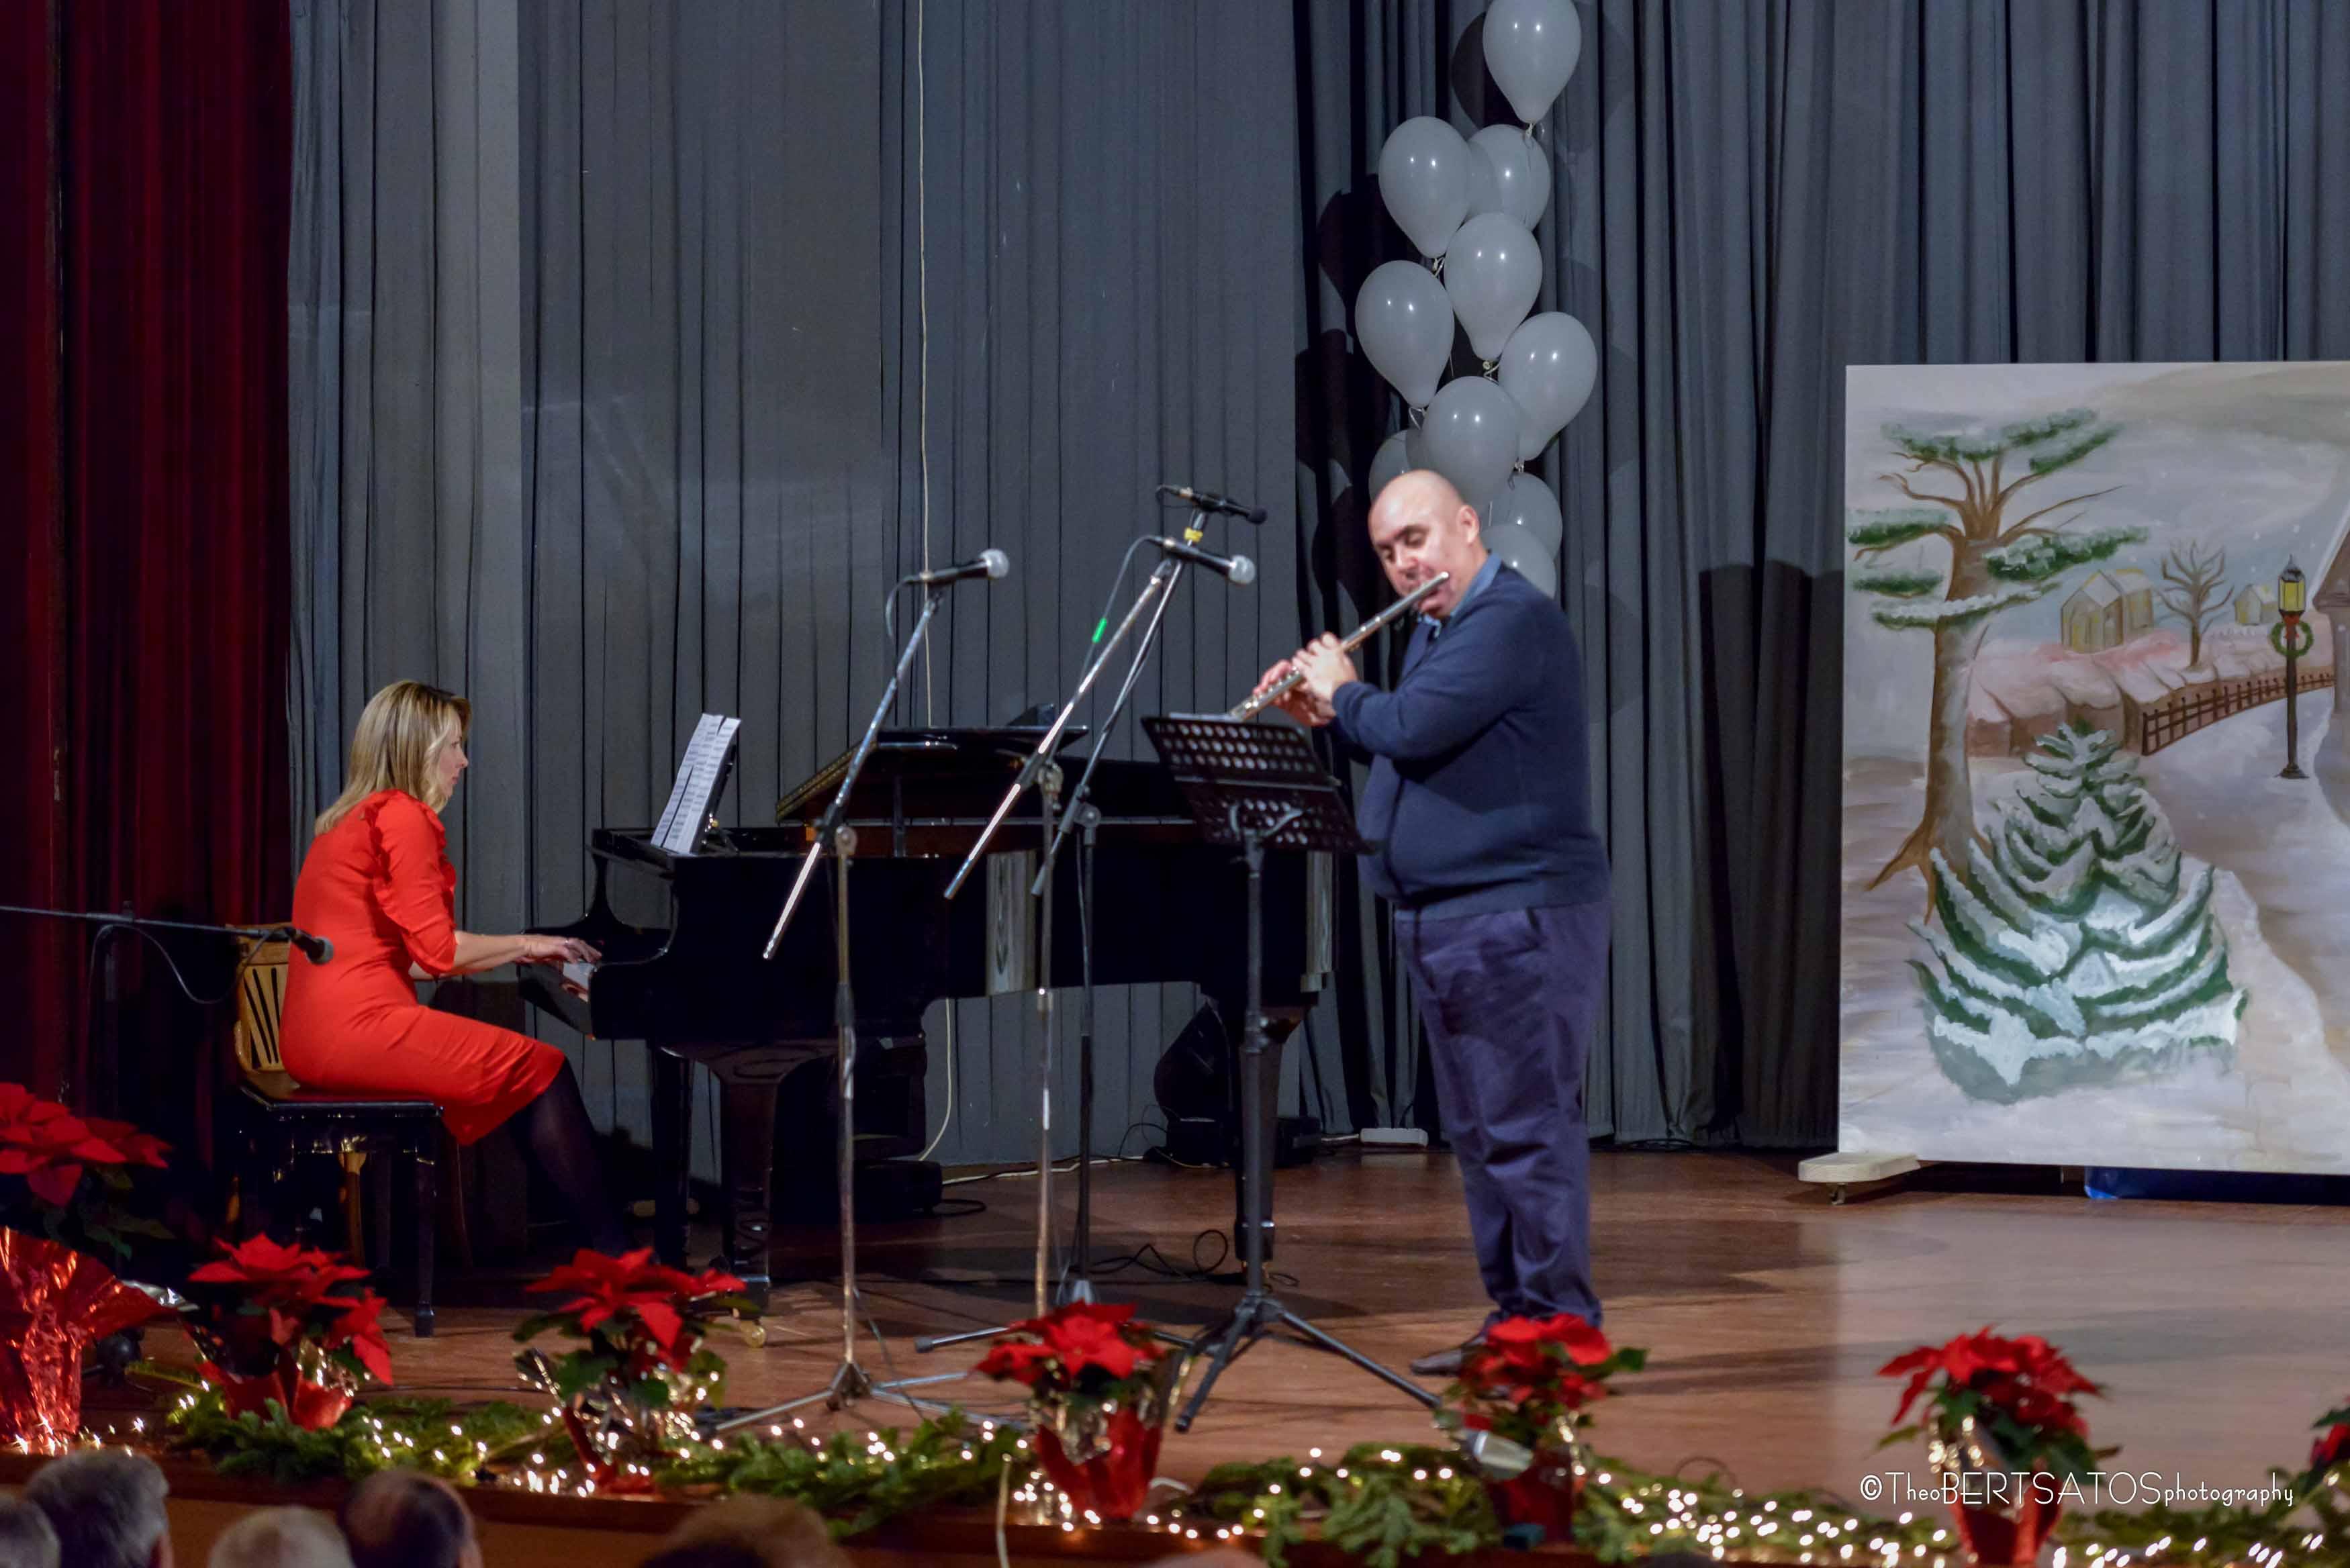 """Ελληνικό Ωδείο-Παράρτημα Πύργου: Την Τρίτη 17/12 η Χριστουγεννιάτικη Συναυλία - Μουσικά Σύνολα, Καθηγητές & Σπουδαστές """"πρωταγωνιστές"""" στο θέατρο Απόλλων"""